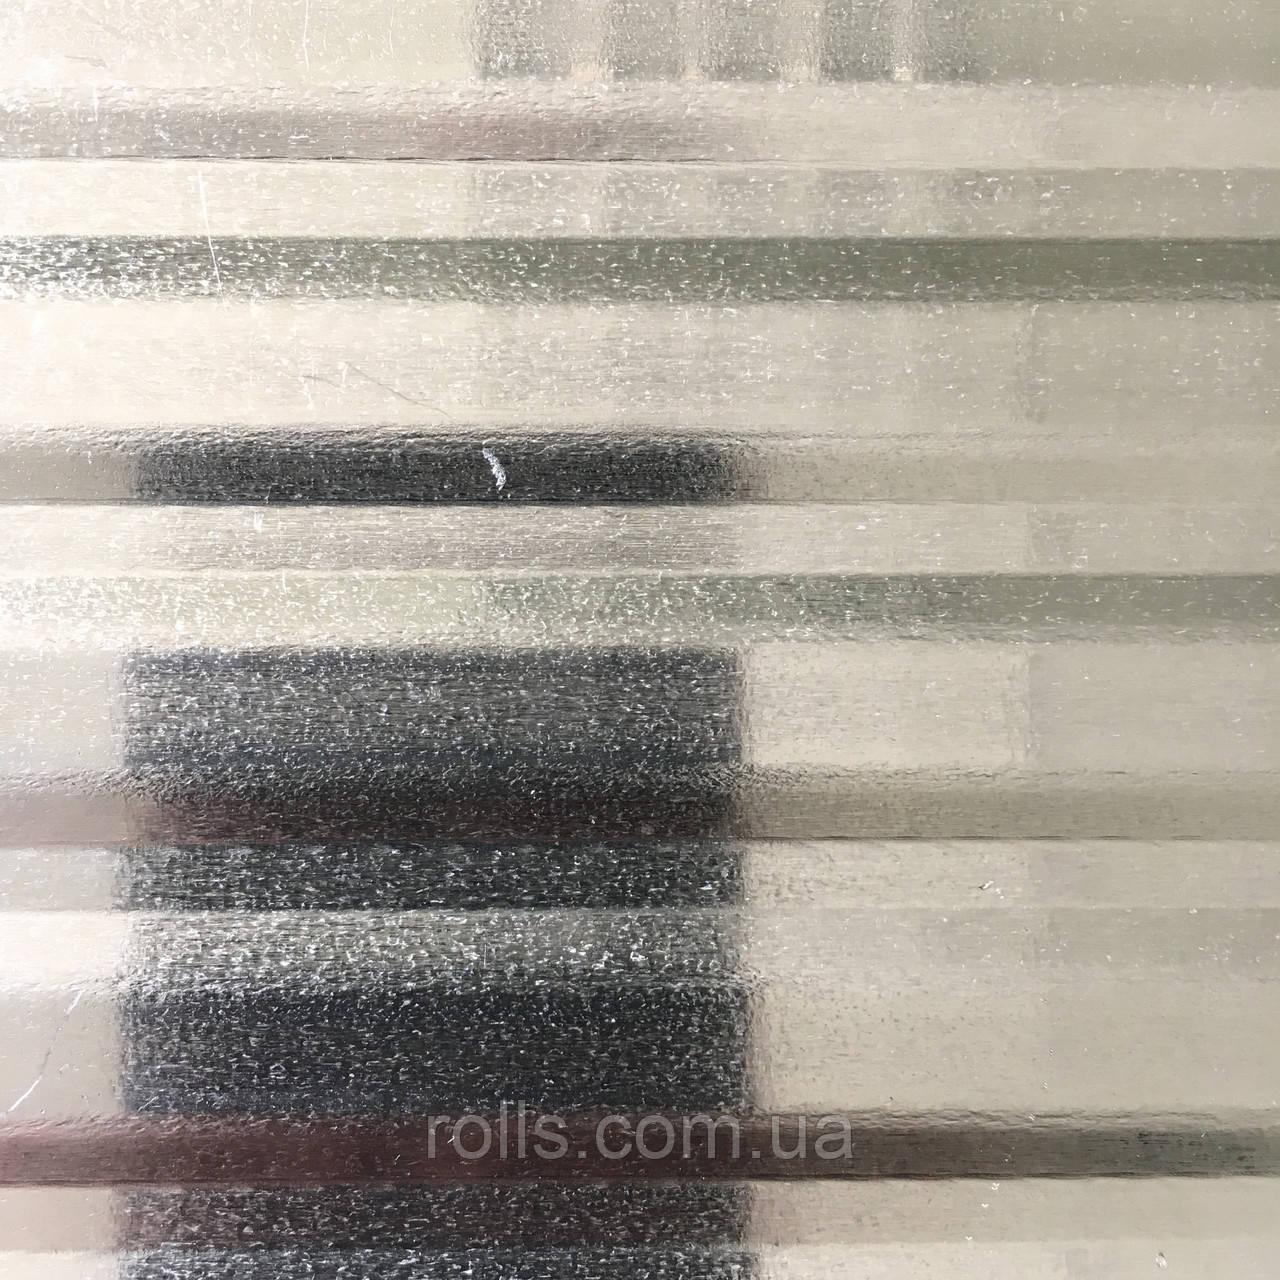 Лист рифленый алюминиевый 1,0х1000х2000 PREFA DESIGN 923 Flat bar 20mm Flachstab СТЕРЖЕНЬ ПРОДОЛЬНЫЙ